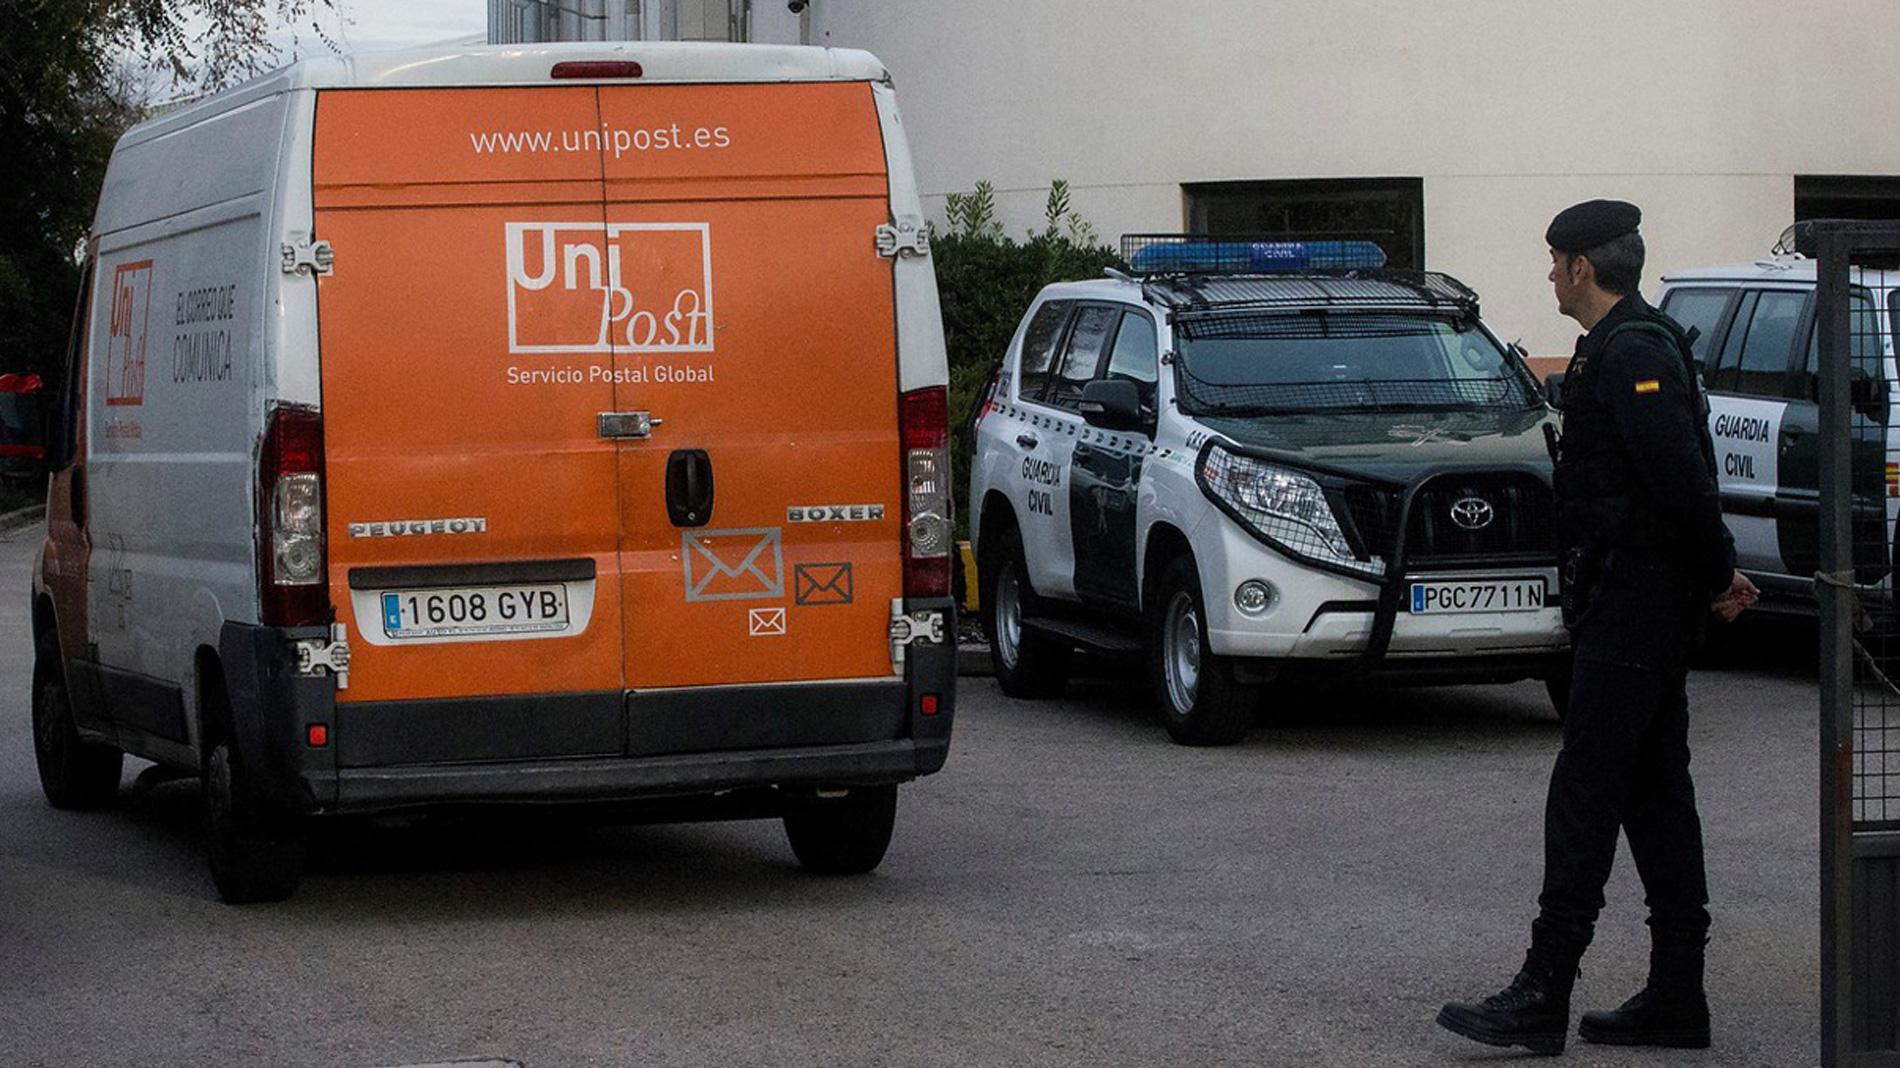 El director de Unipost queda en libertad tras el registro de la empresa por la Guardia Civil por el 1-O